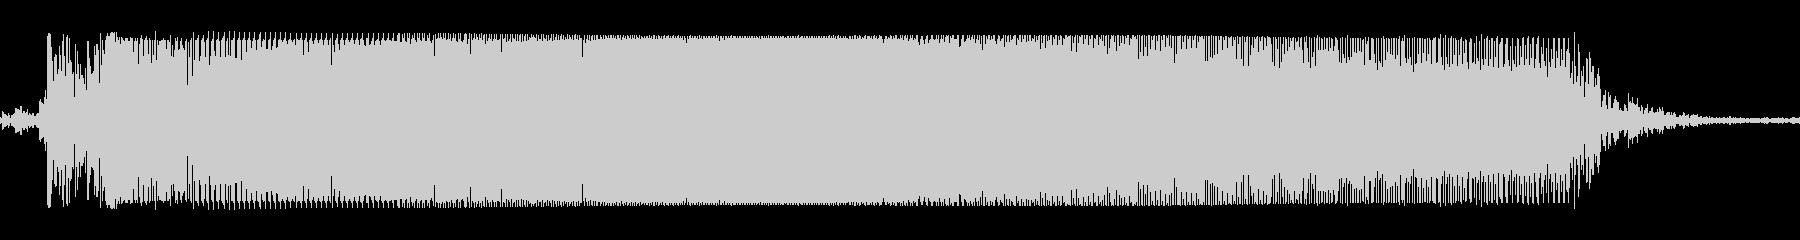 ギターメタルパワーコードzgの未再生の波形